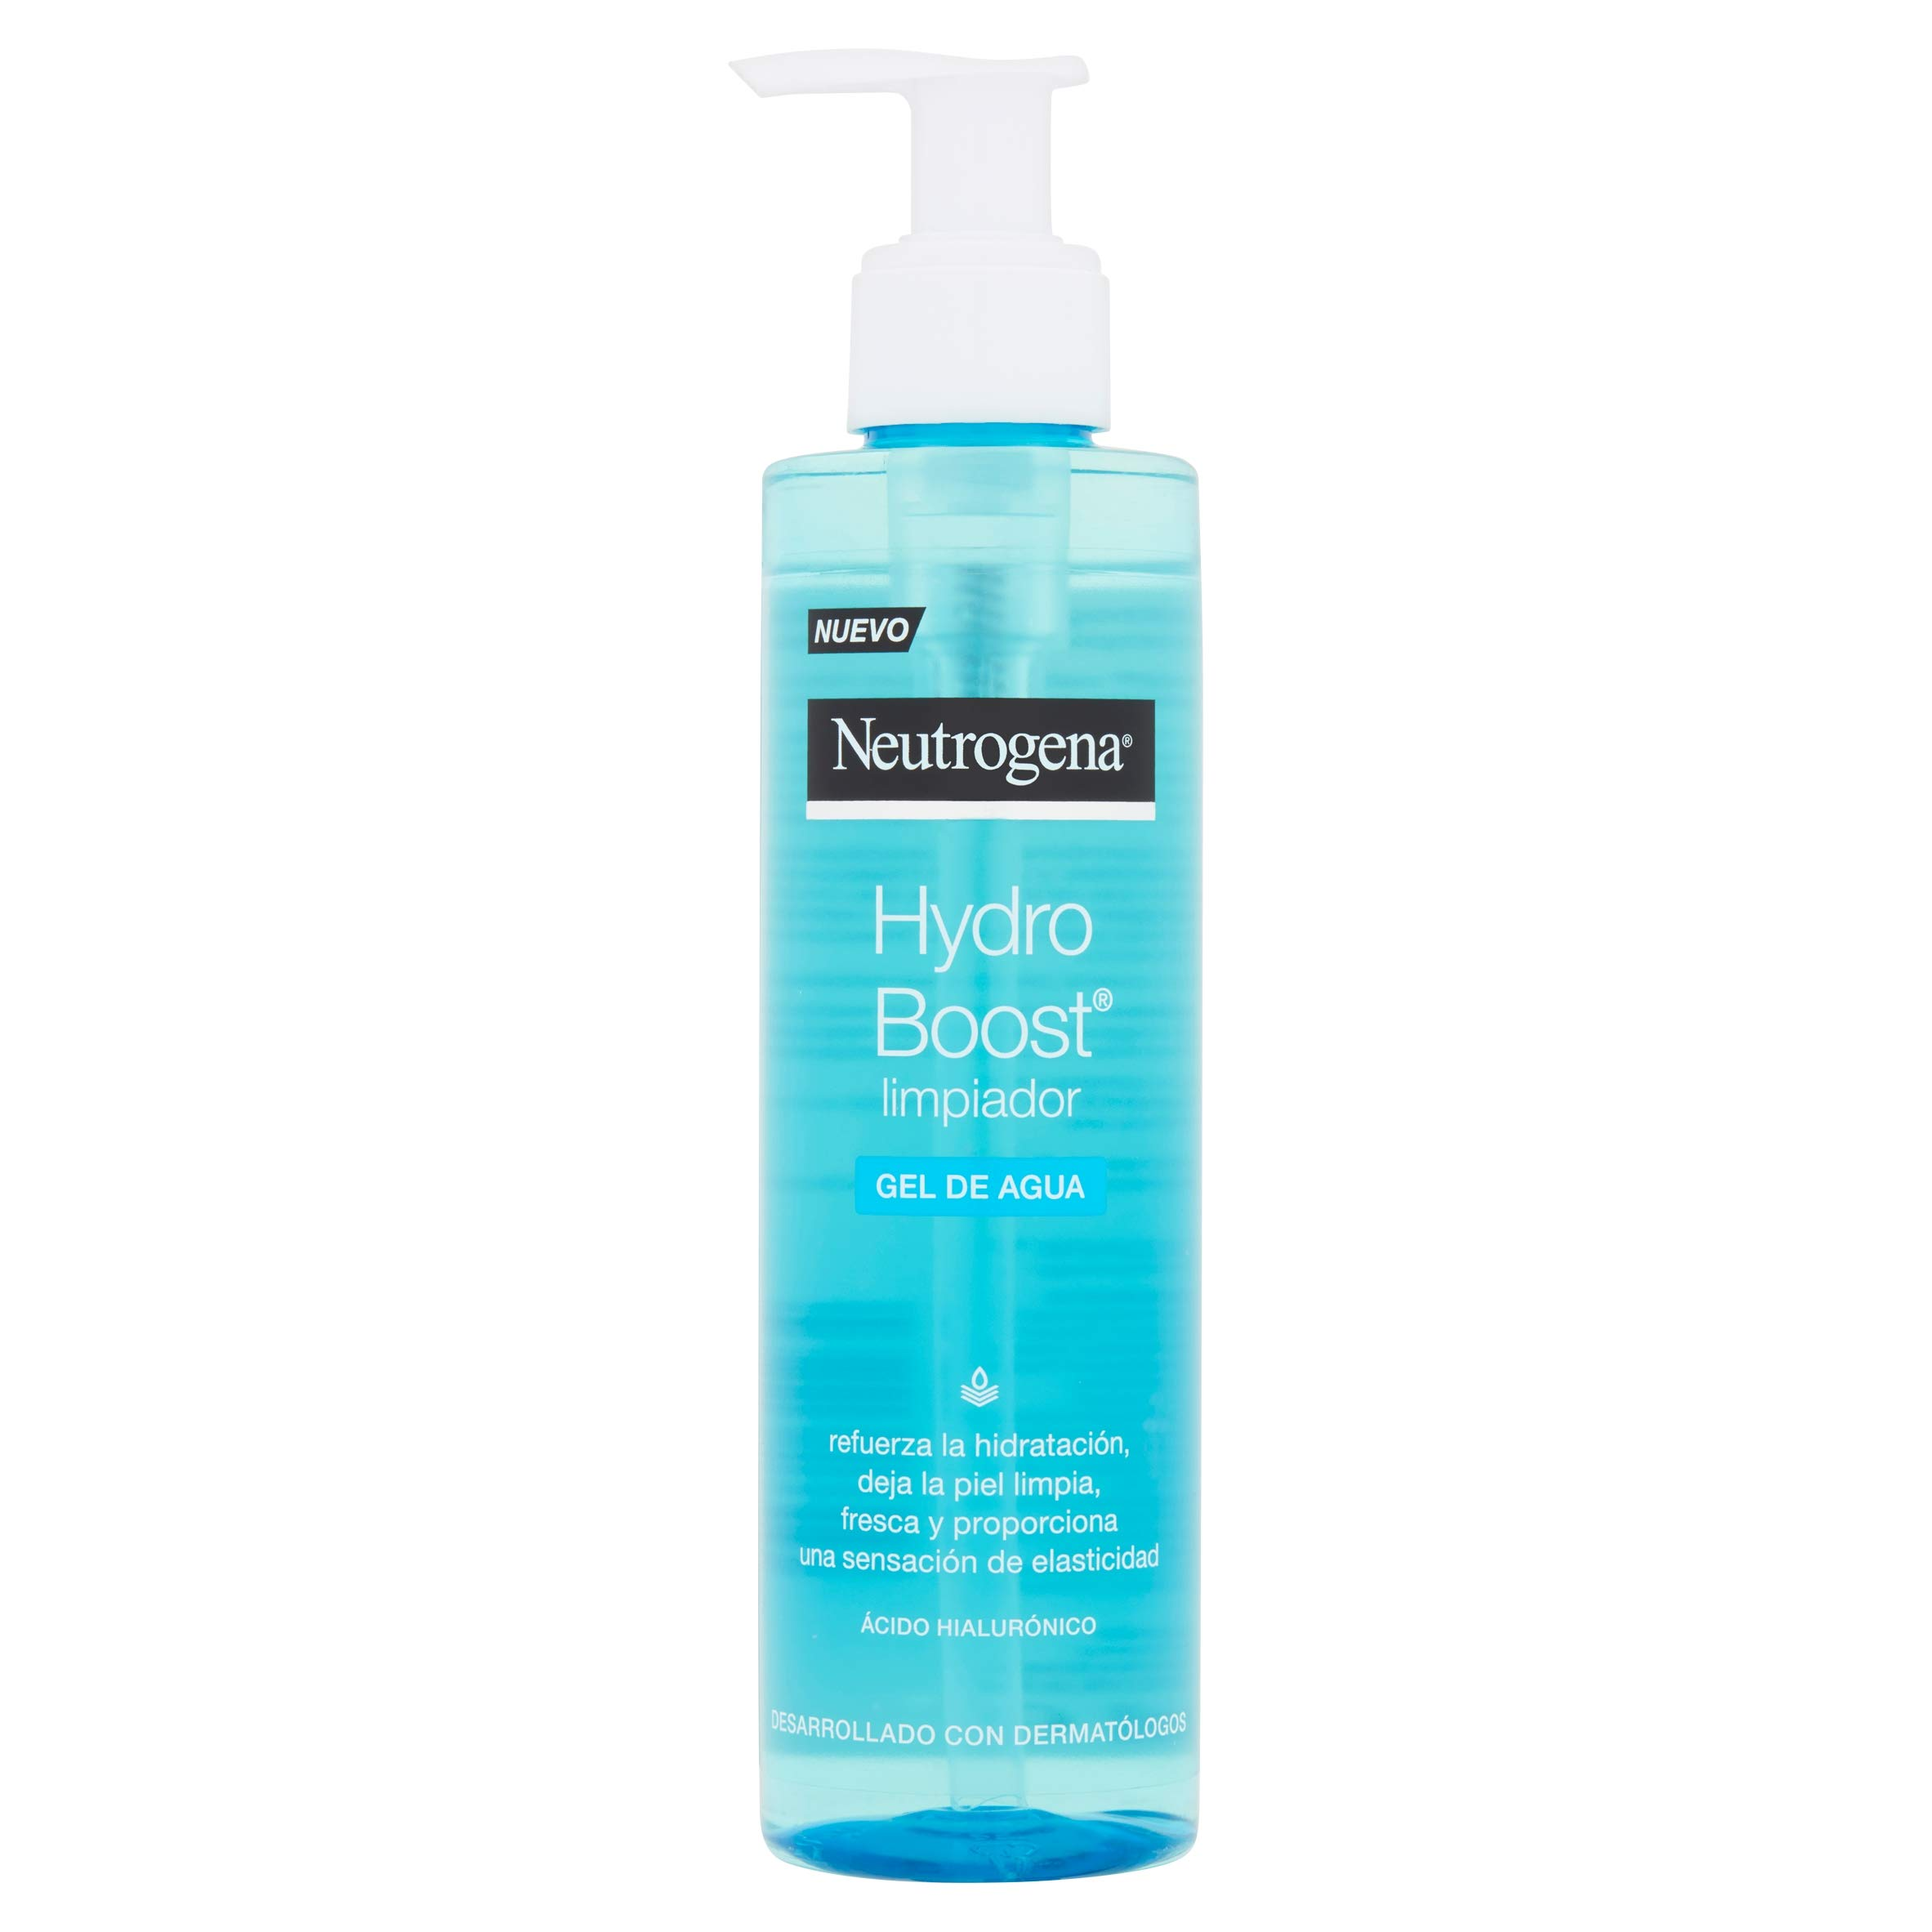 Neutrogena Hydro Boost Limpiador Cuidado Facial product image